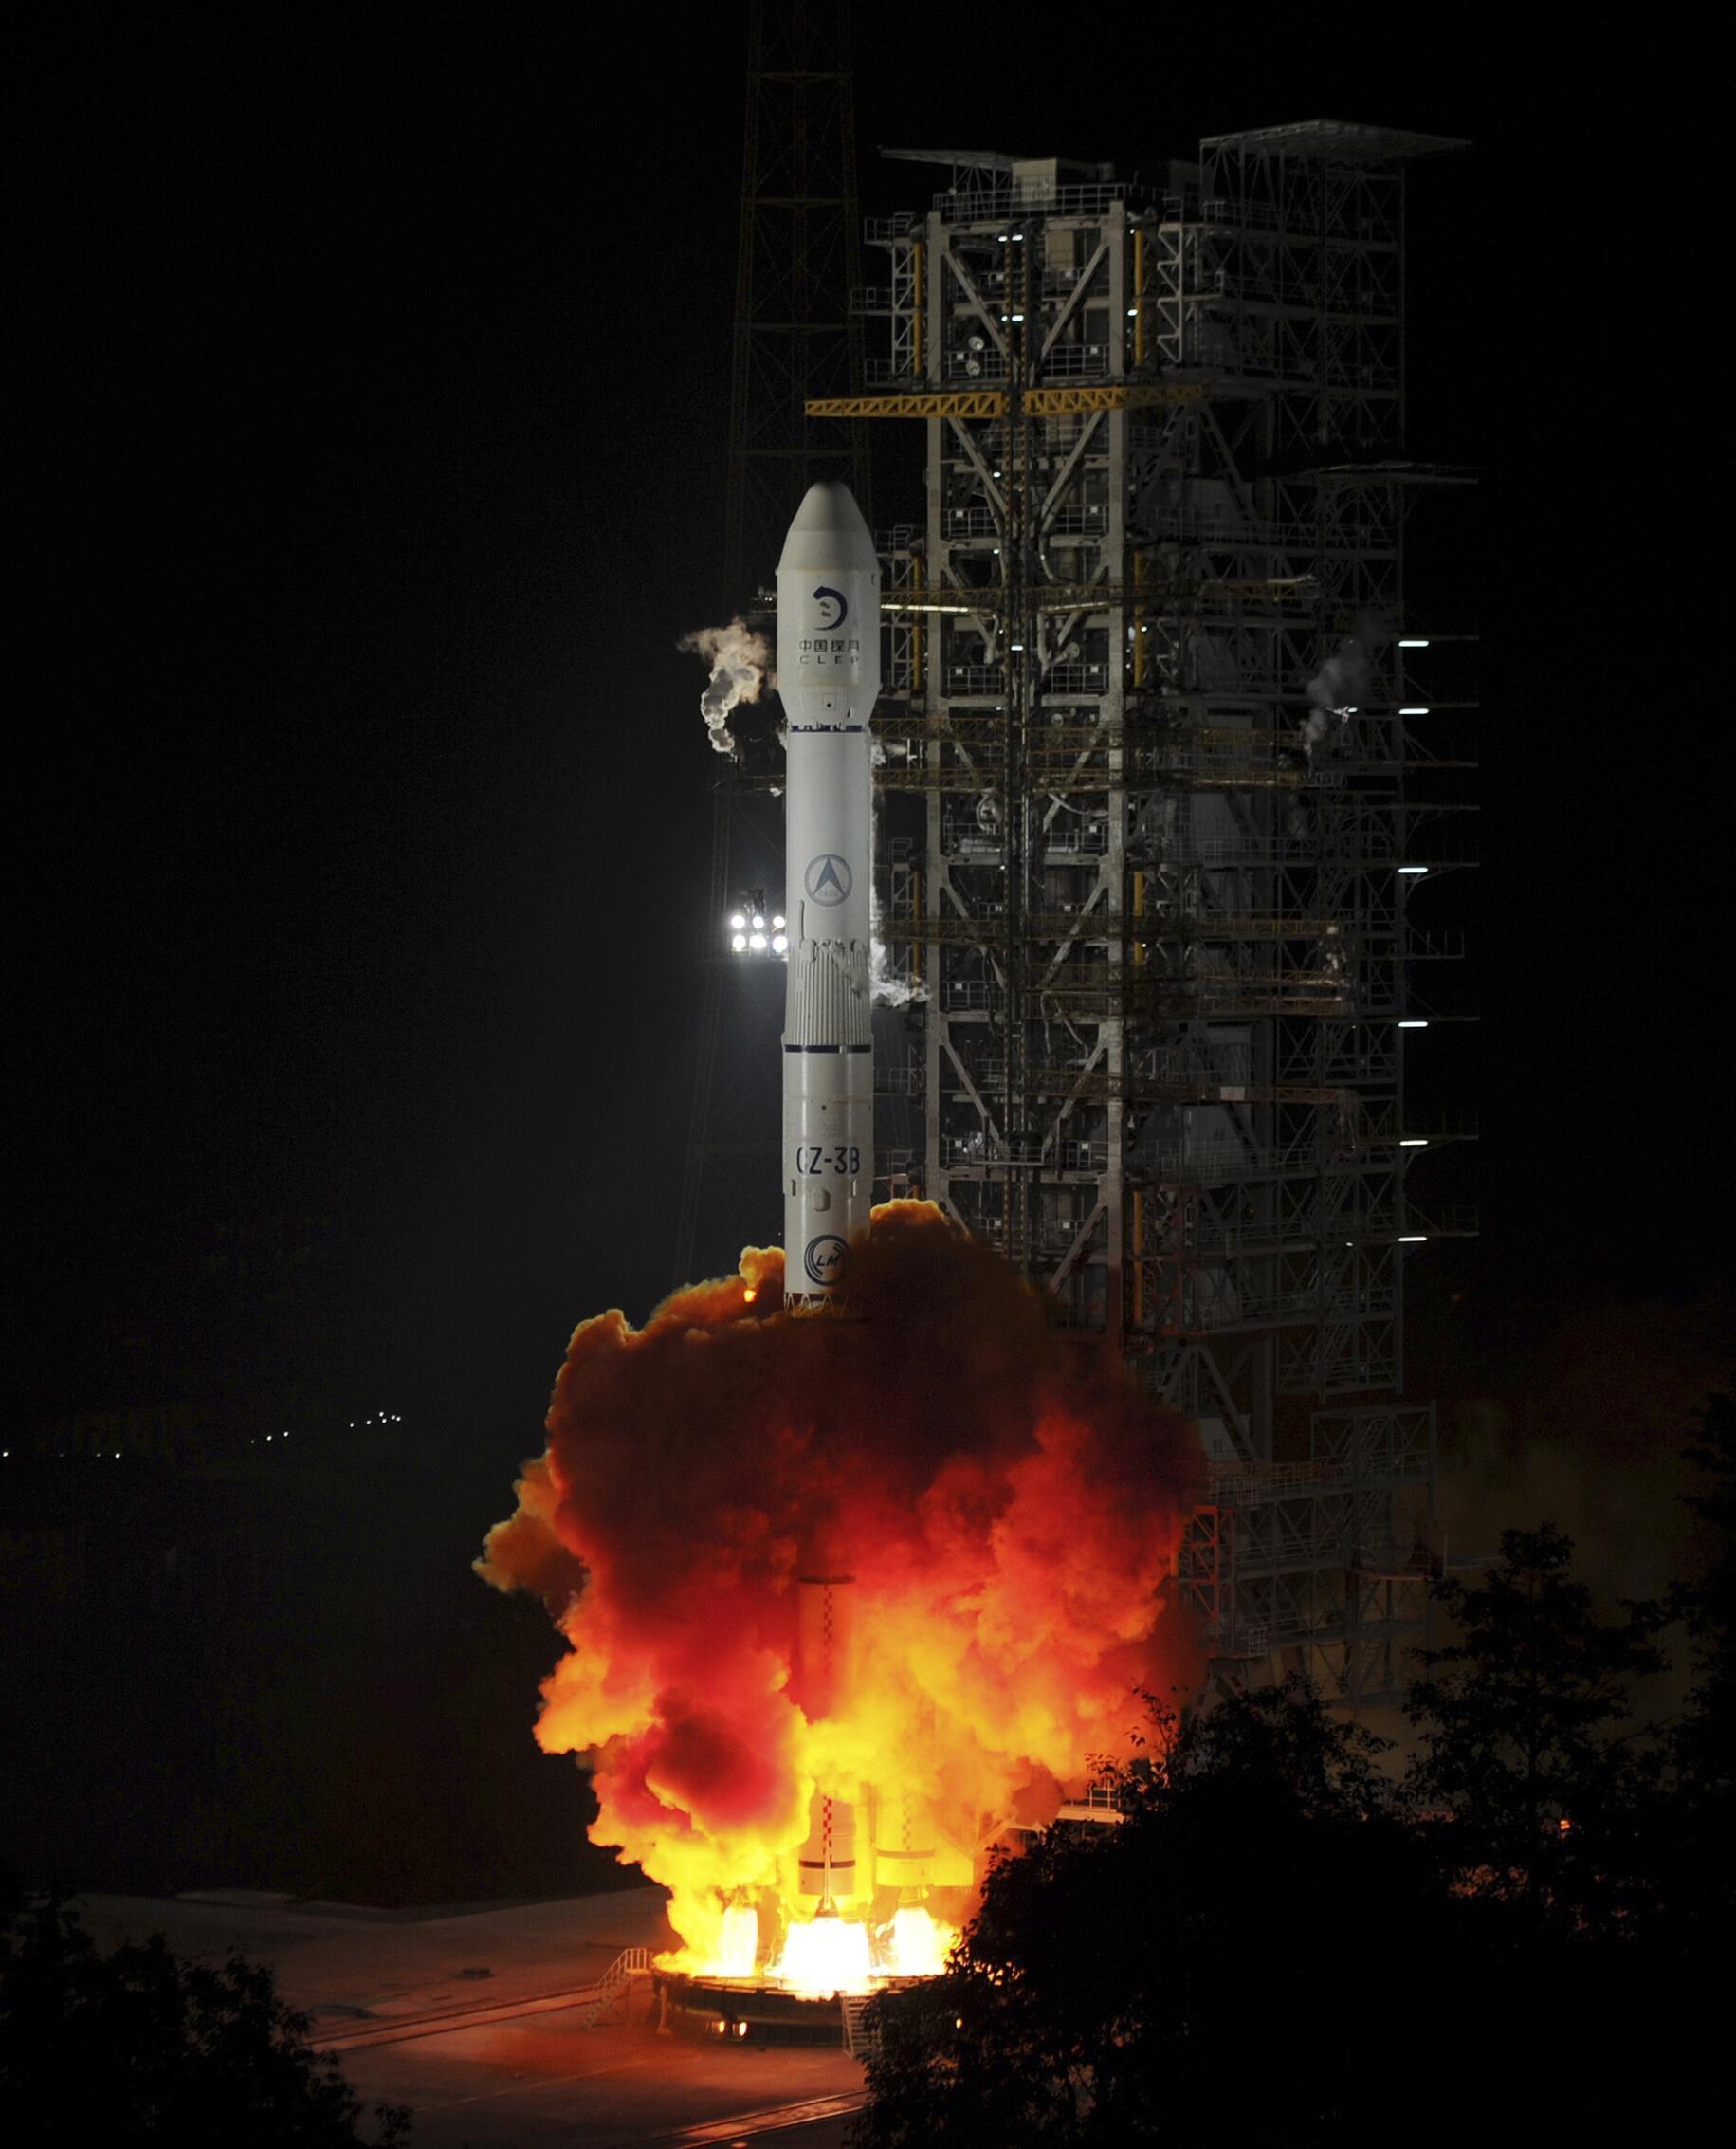 """Lançamento do foguete com o veículo de exploração teleguiado """"Coelho de Jade""""."""